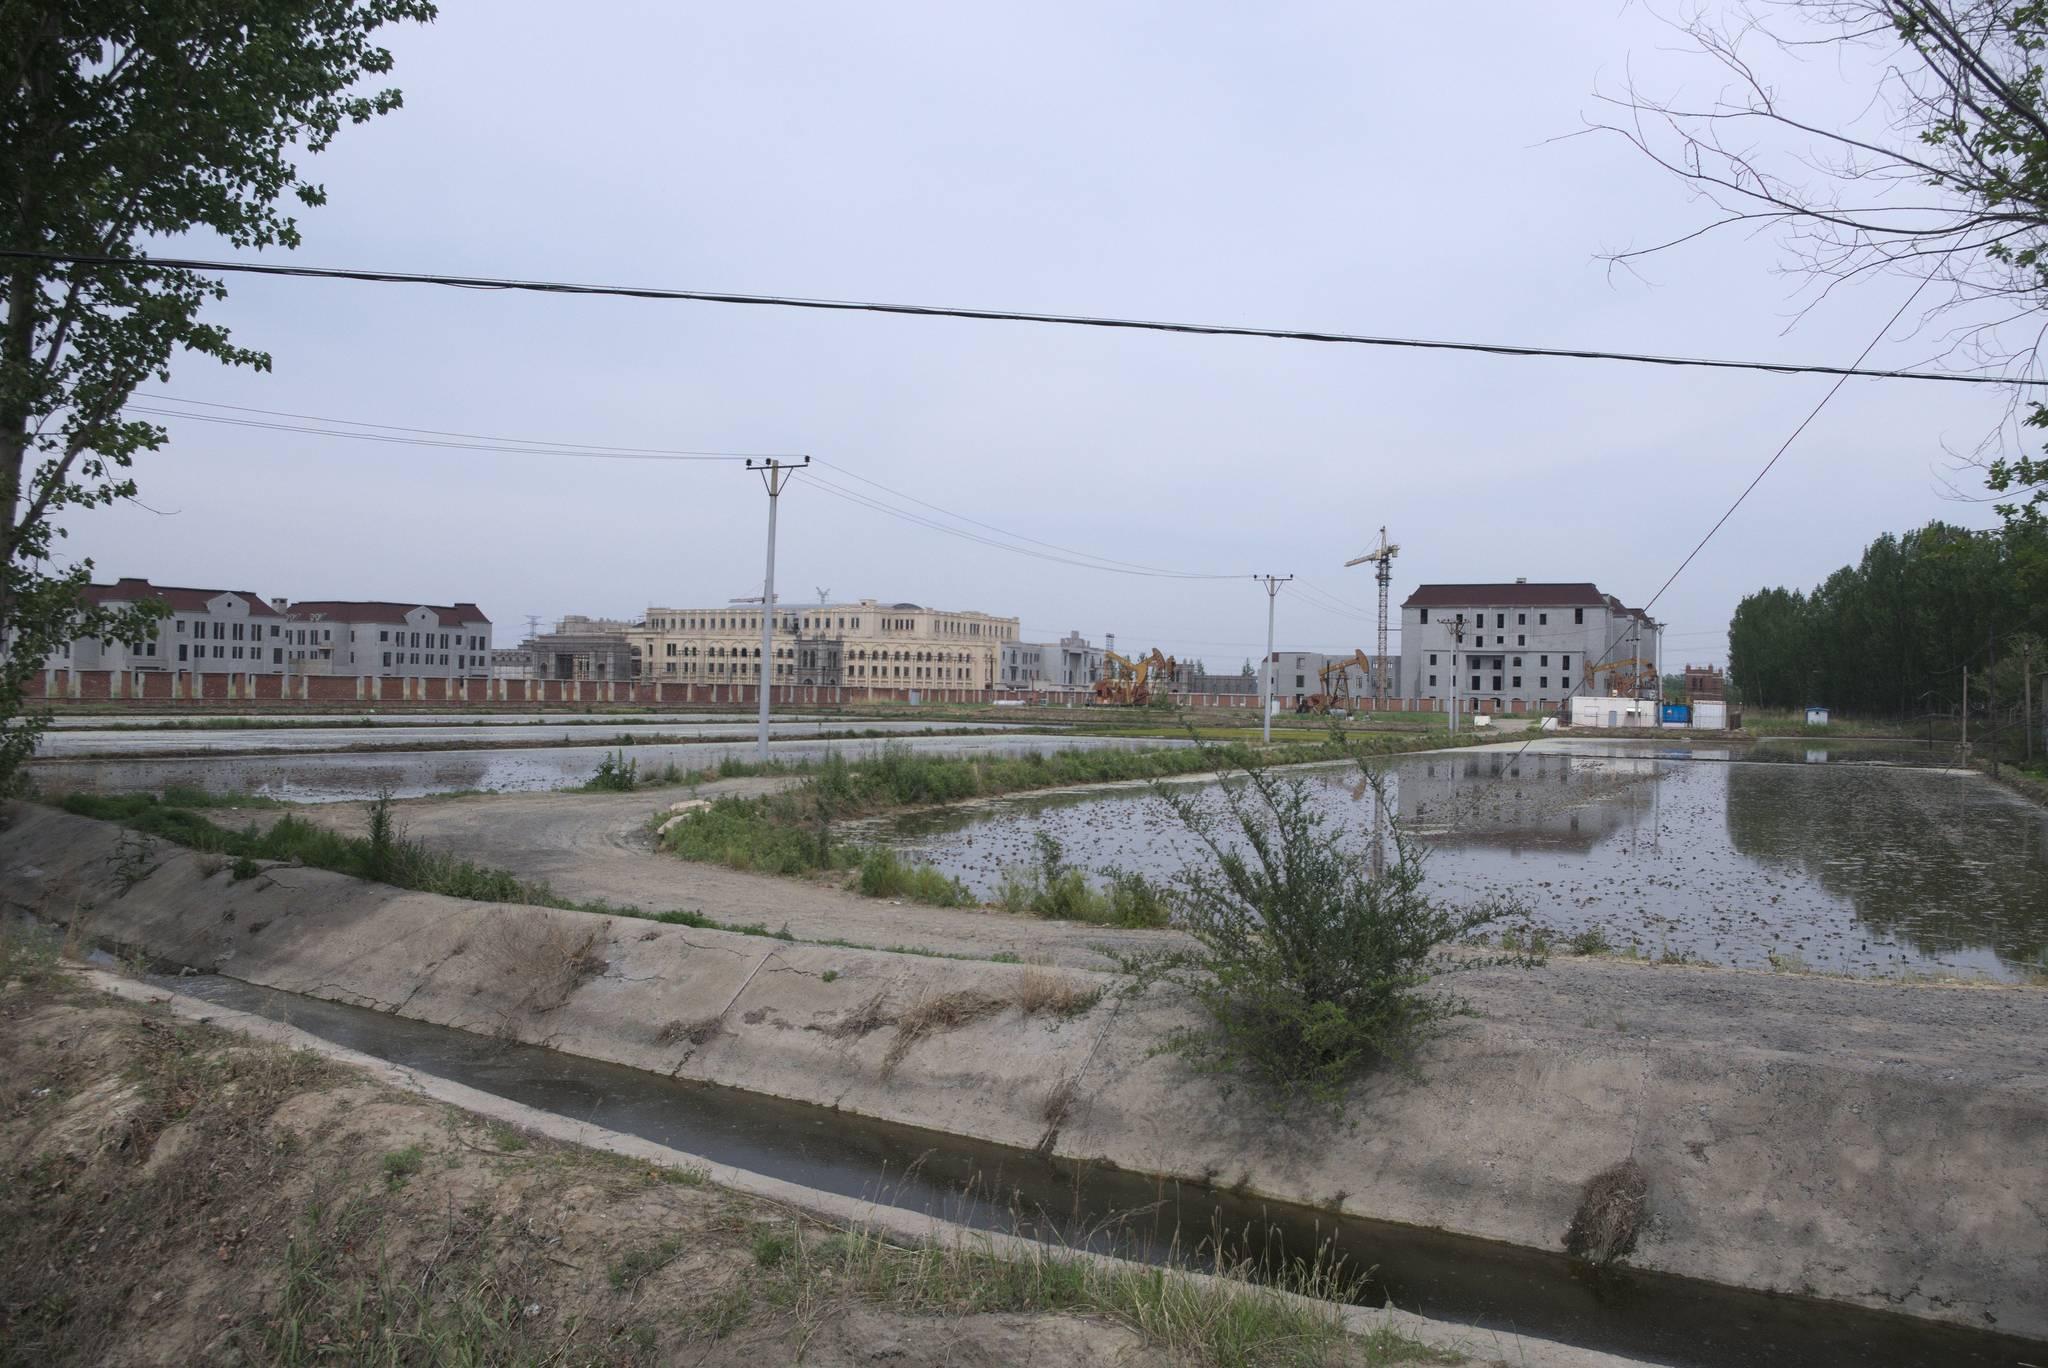 Niesamowita kombinacja. Plantacja ryżu, pole naftowe i budynki mieszkalne. Wot, Chiny.